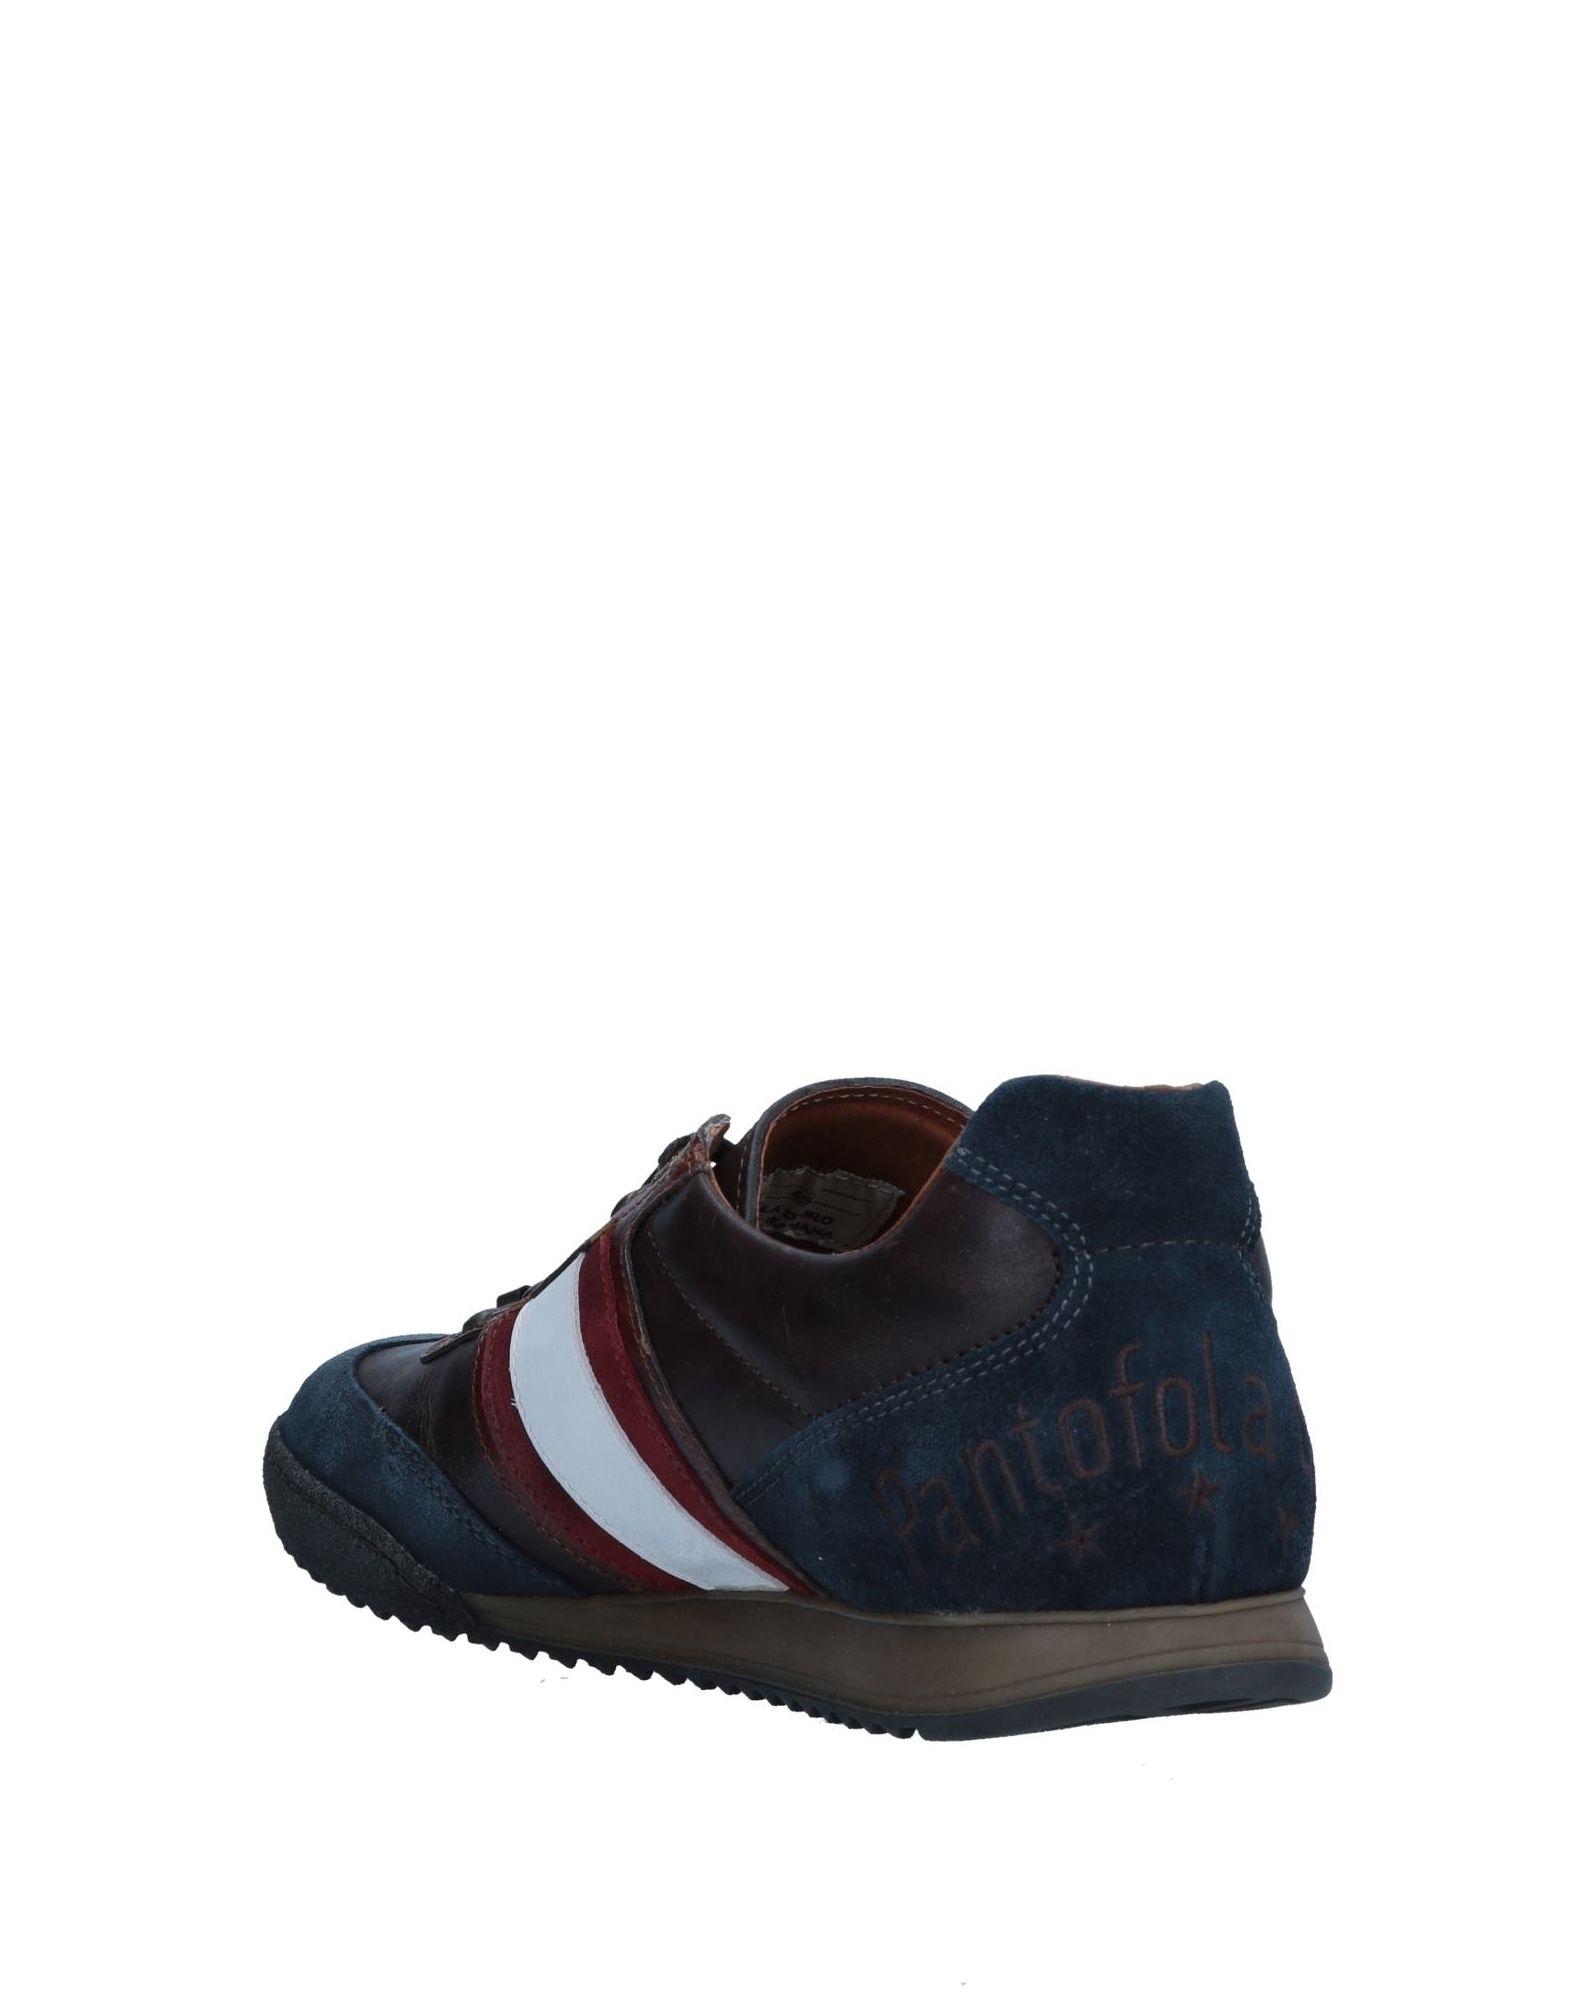 Rabatt echte Sneakers Schuhe Pantofola D'oro Sneakers echte Herren  11545450DQ 157ab0